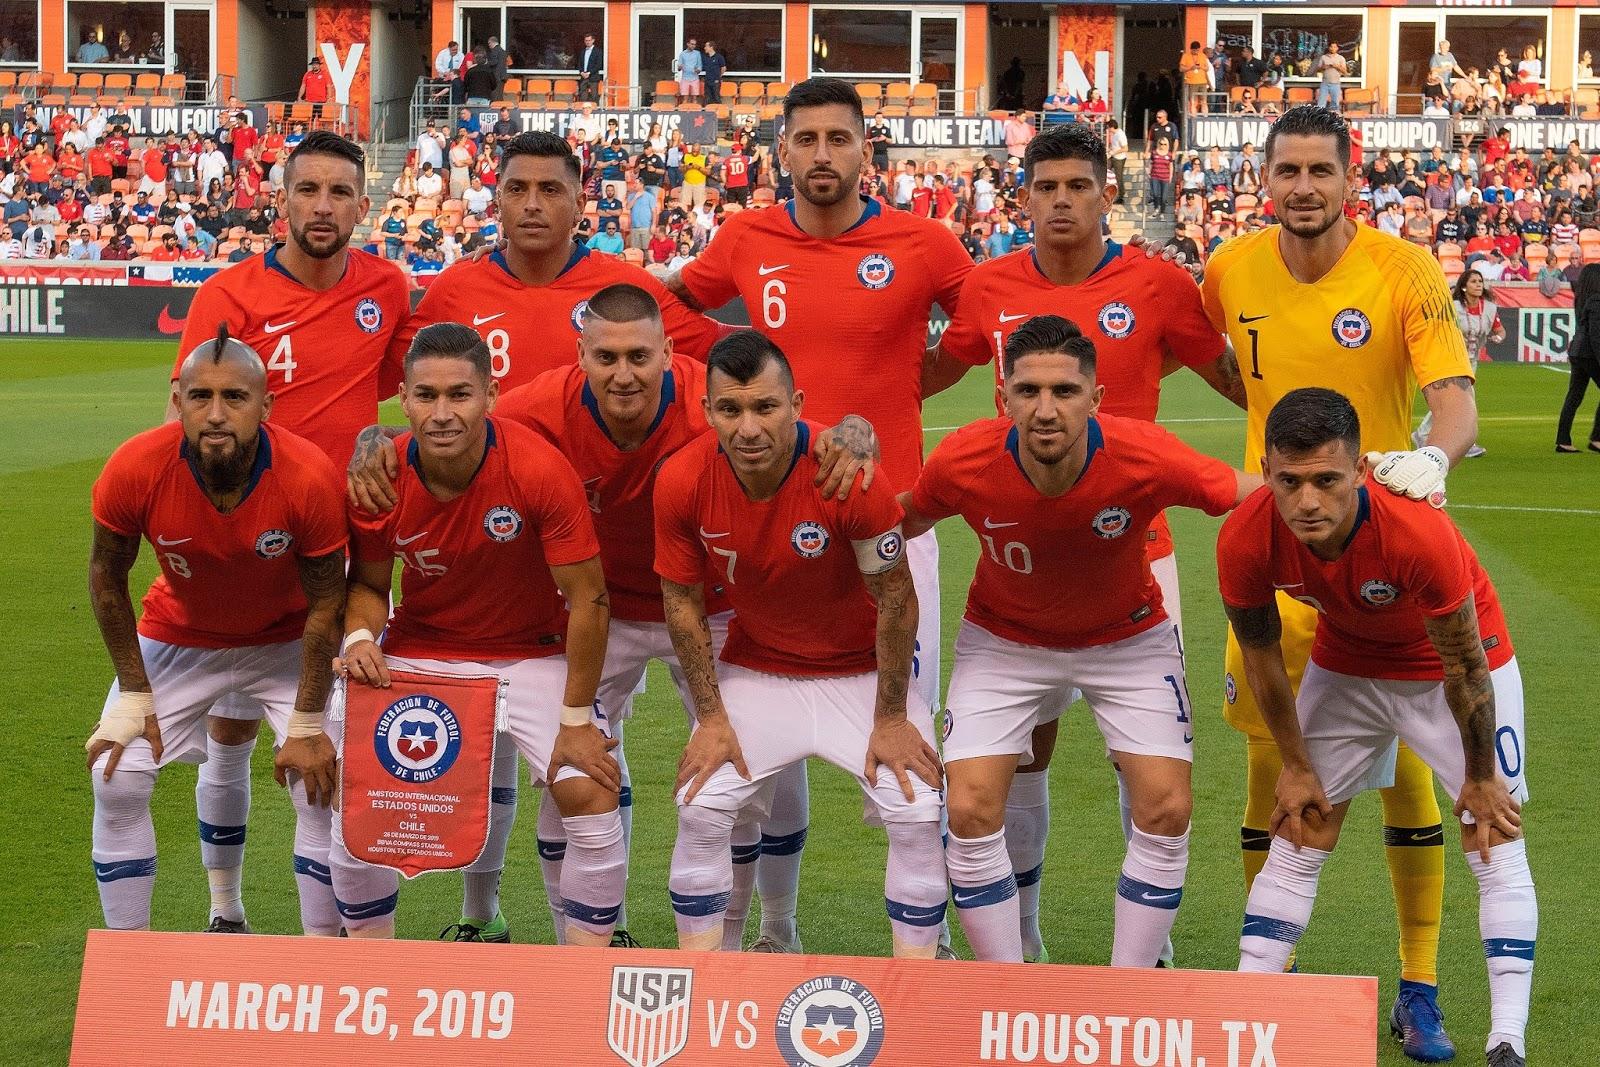 Formación de Chile ante Estados Unidos, amistoso disputado el 26 de marzo de 2019